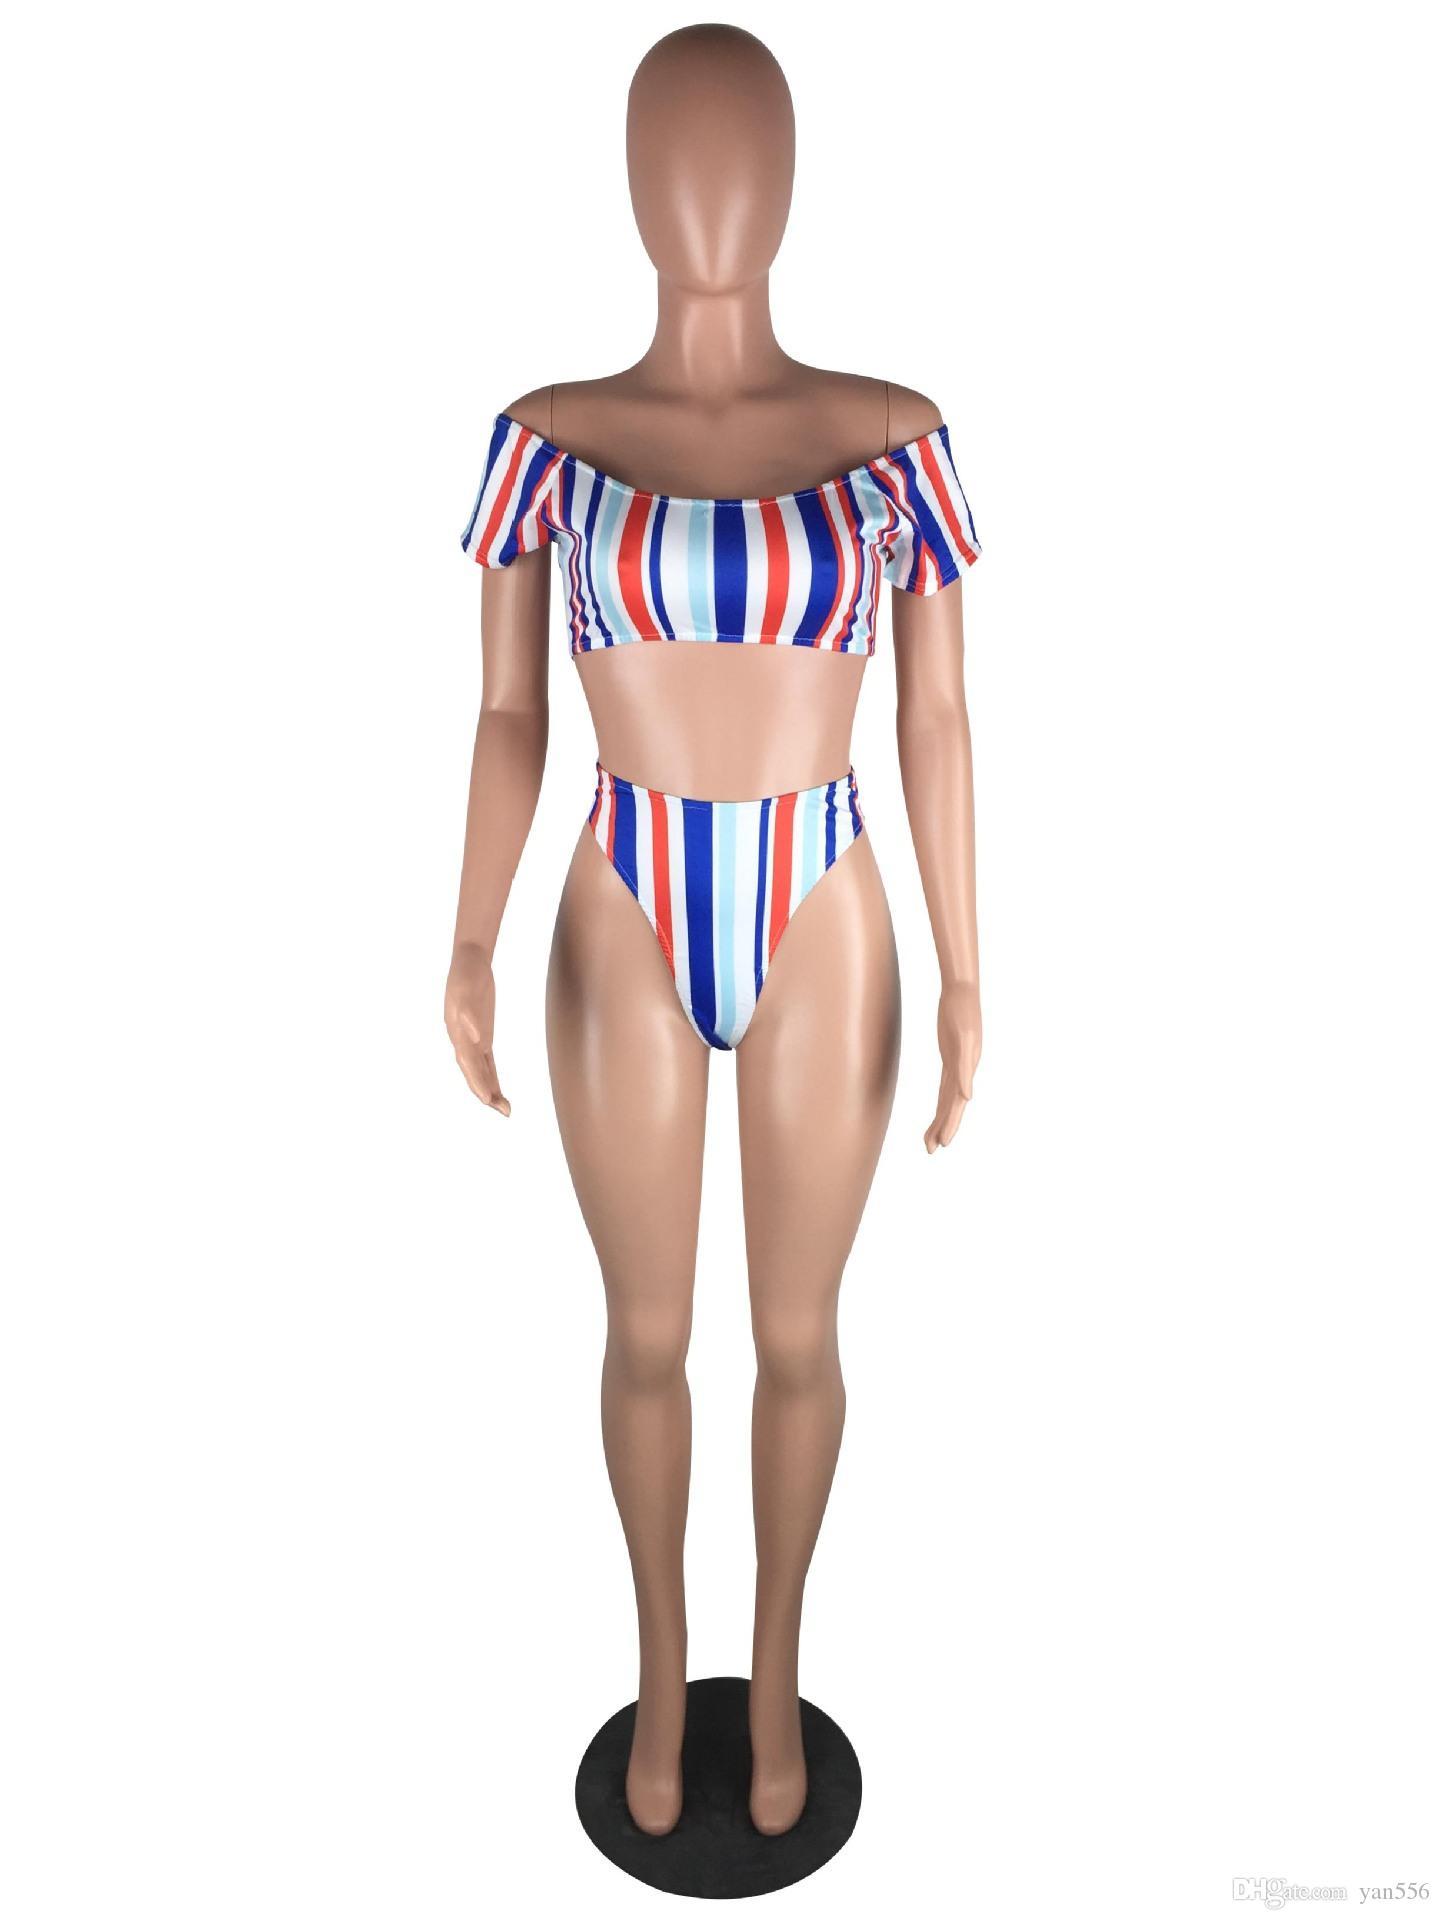 2018 Сплит купальник сексуальное бикини полоса купальник мода небольшой свежий горячий источник купальный костюм пляж купальный костюм купальники